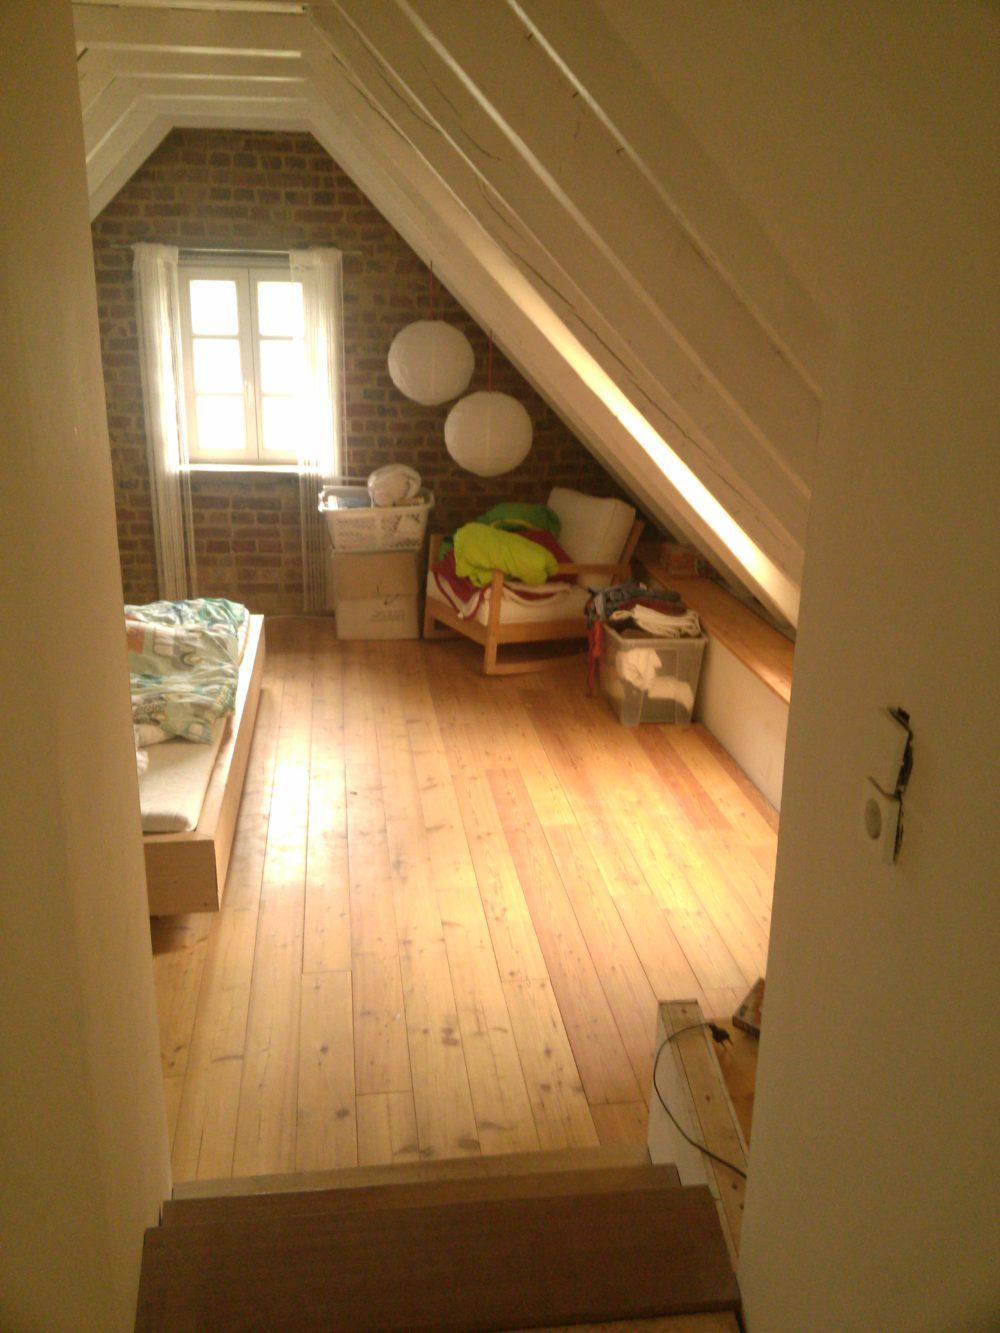 Zeit - Wohnhaussanierung Leichlingen - Innenraum Anbau